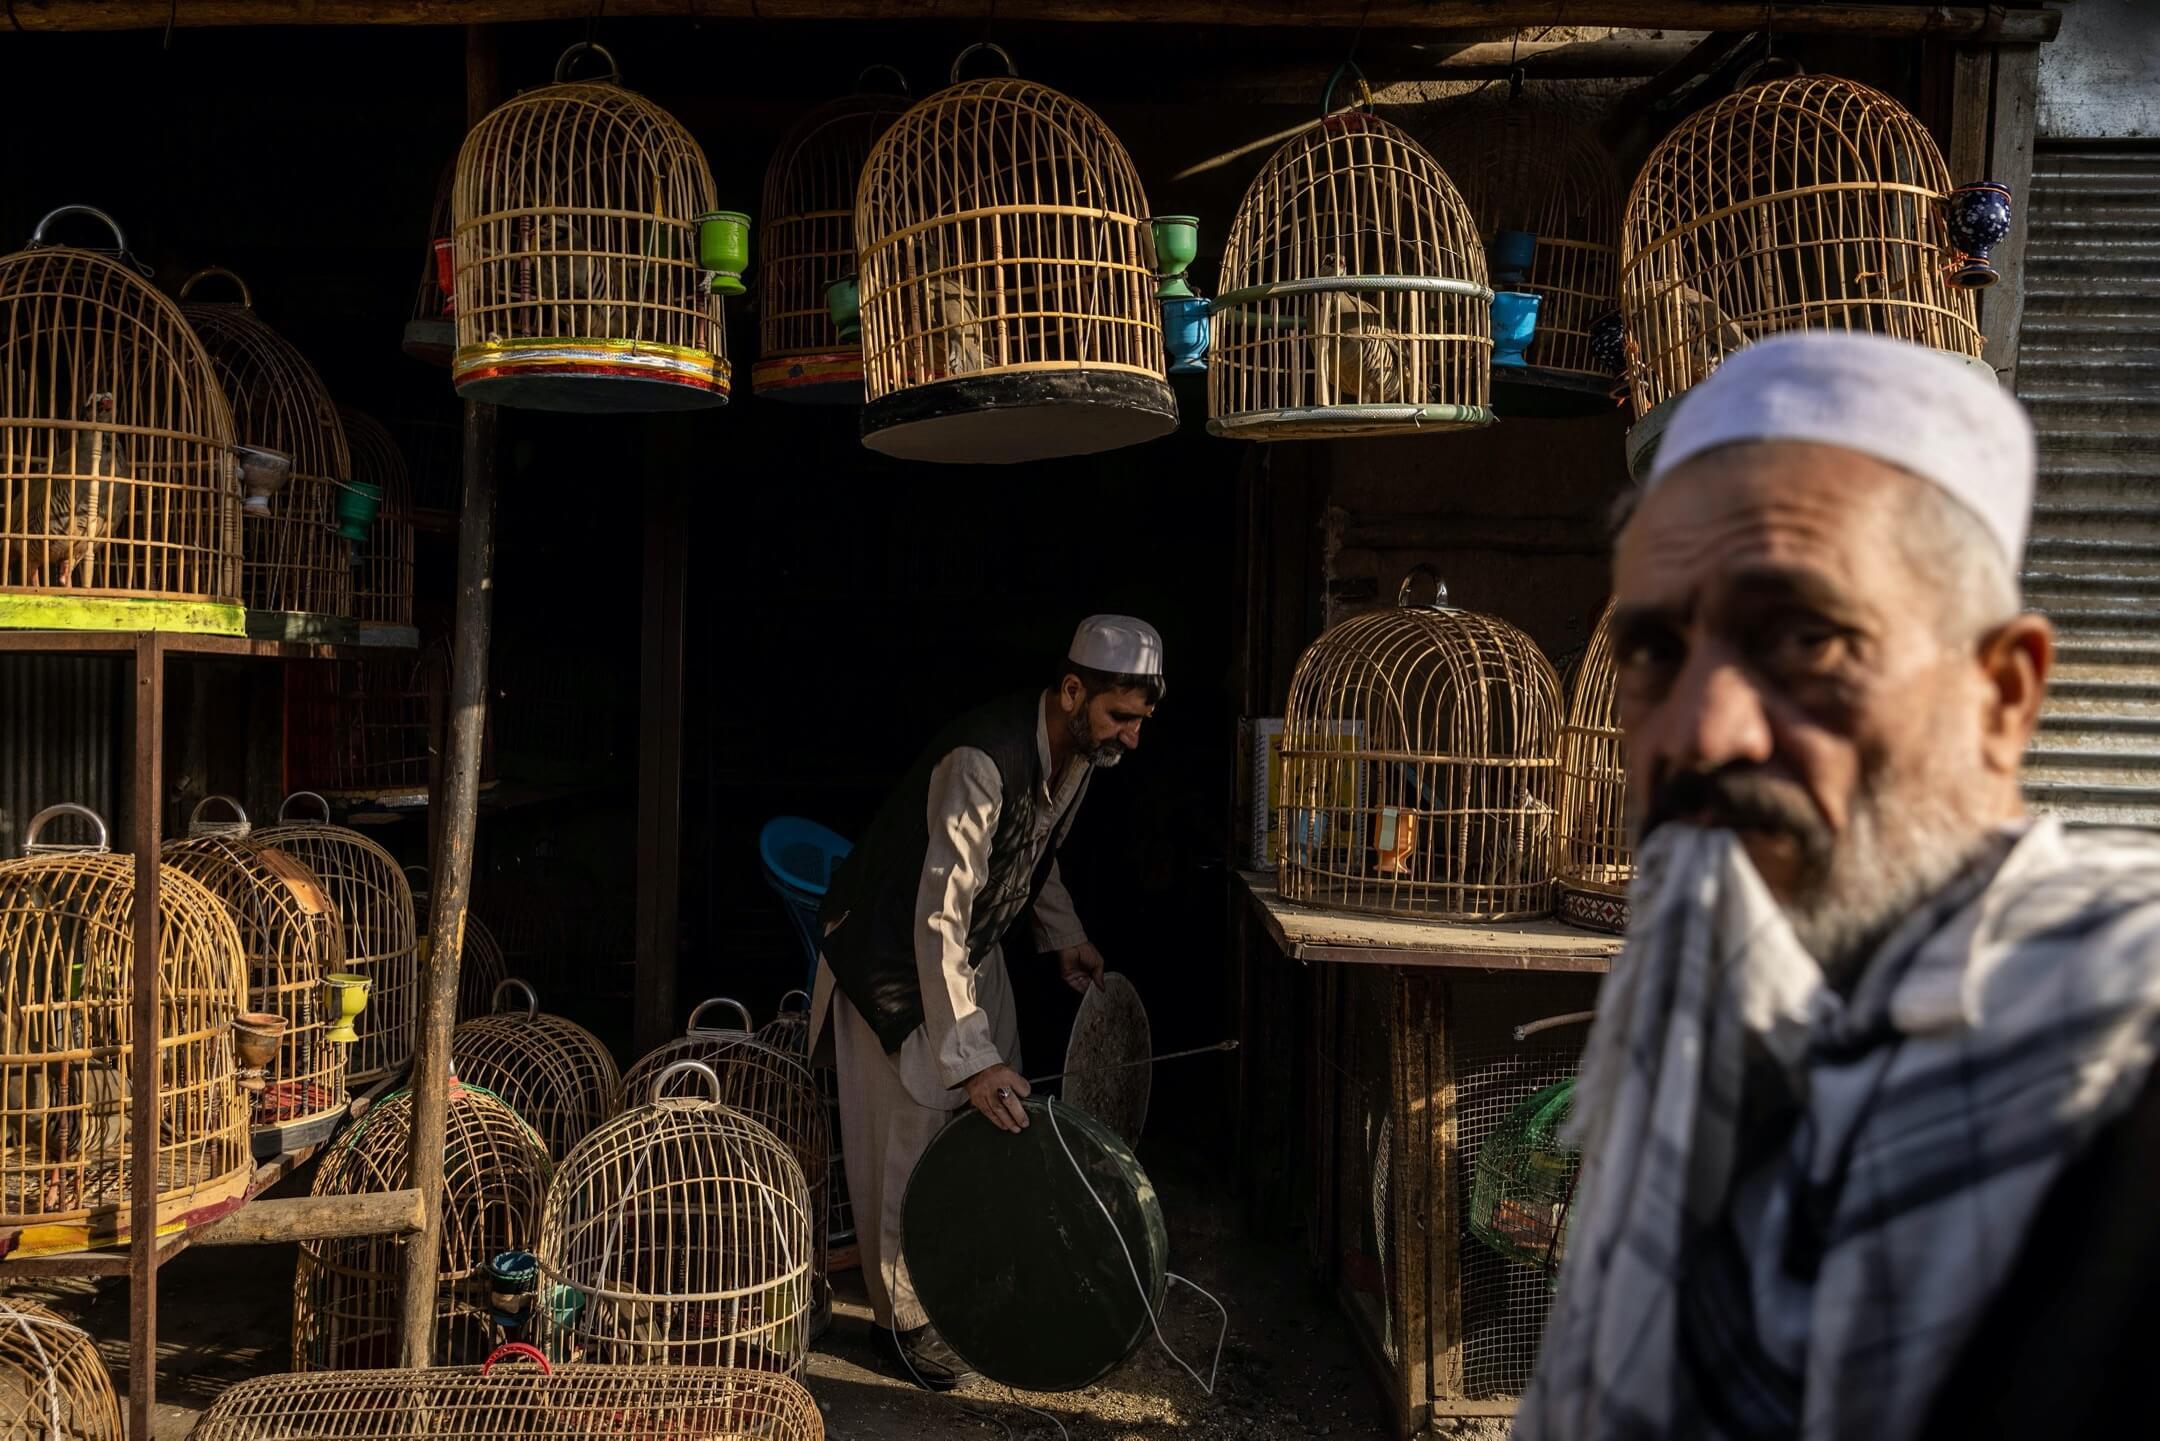 2021年7月4日,阿富汗喀布爾,一名賣鷓鴣的商人清洗店內的鳥籠。